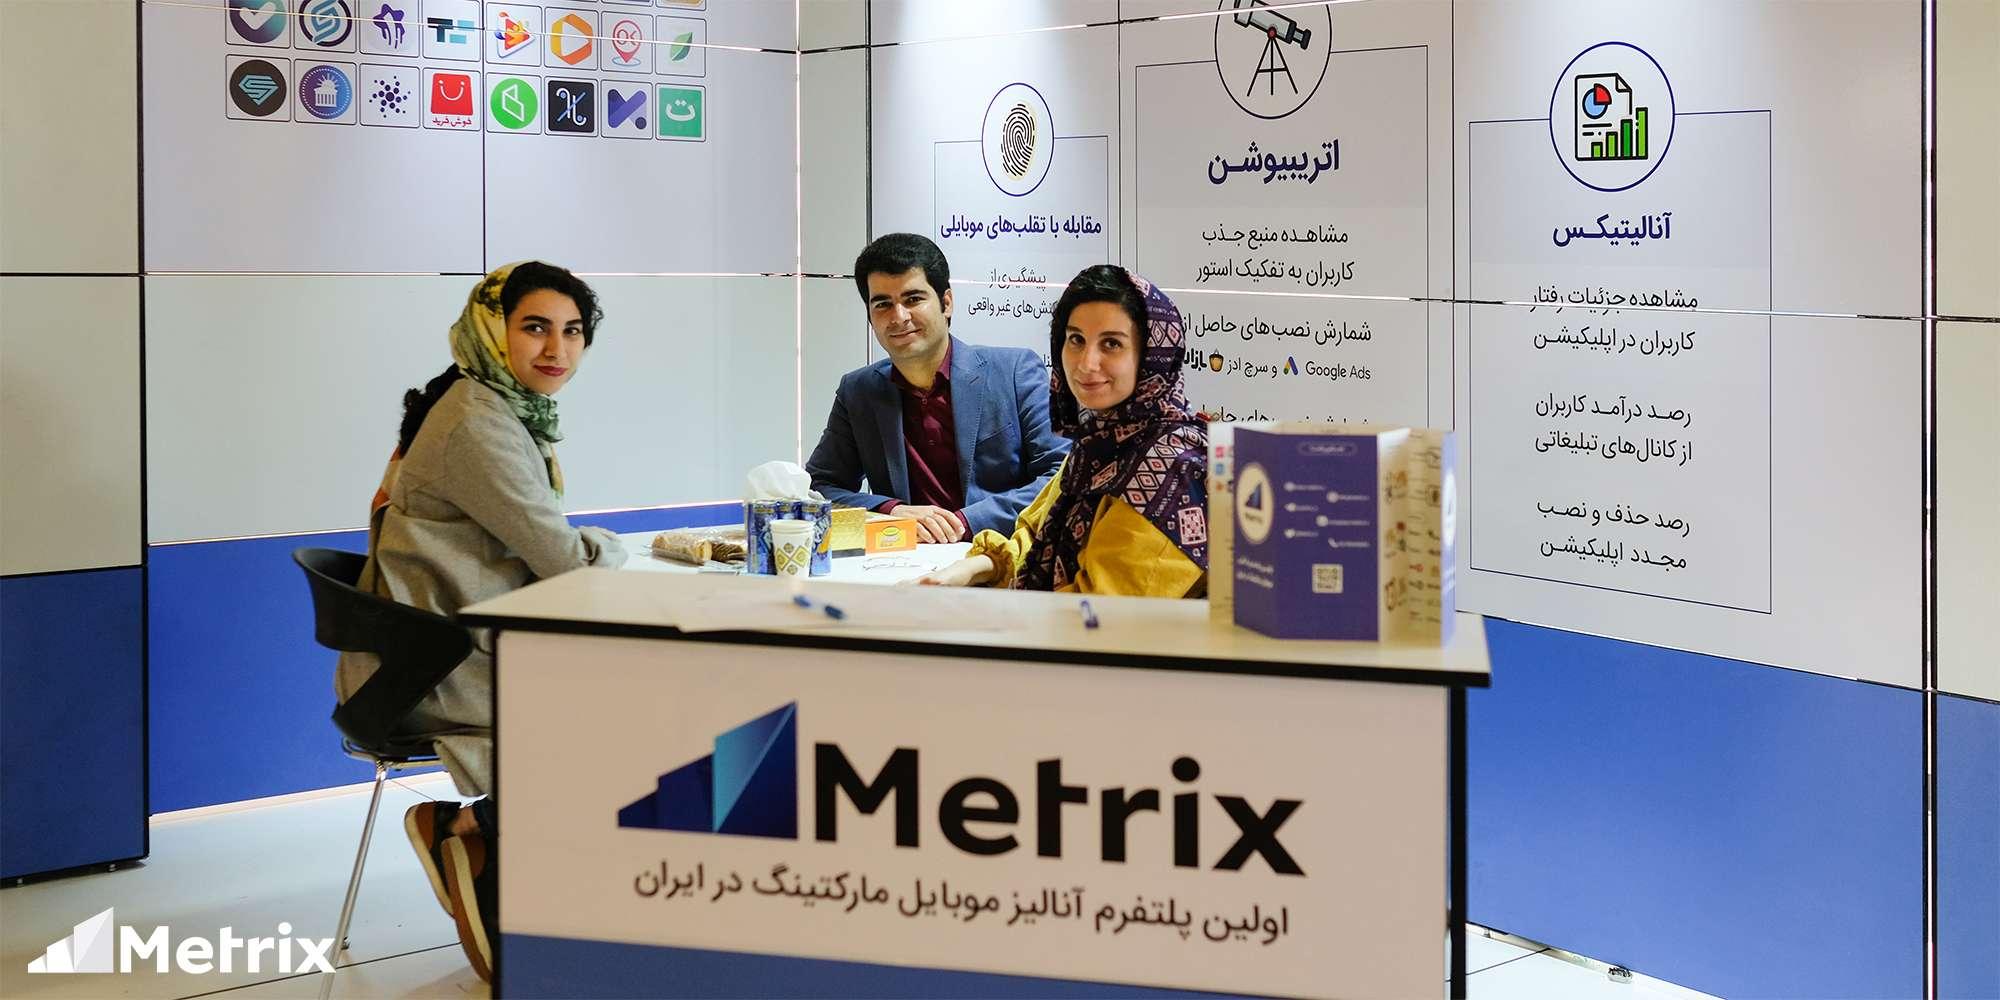 تیم متریکس در غرفه این پلتفرم در پنجمین نمایشگاه تراکنش ایران